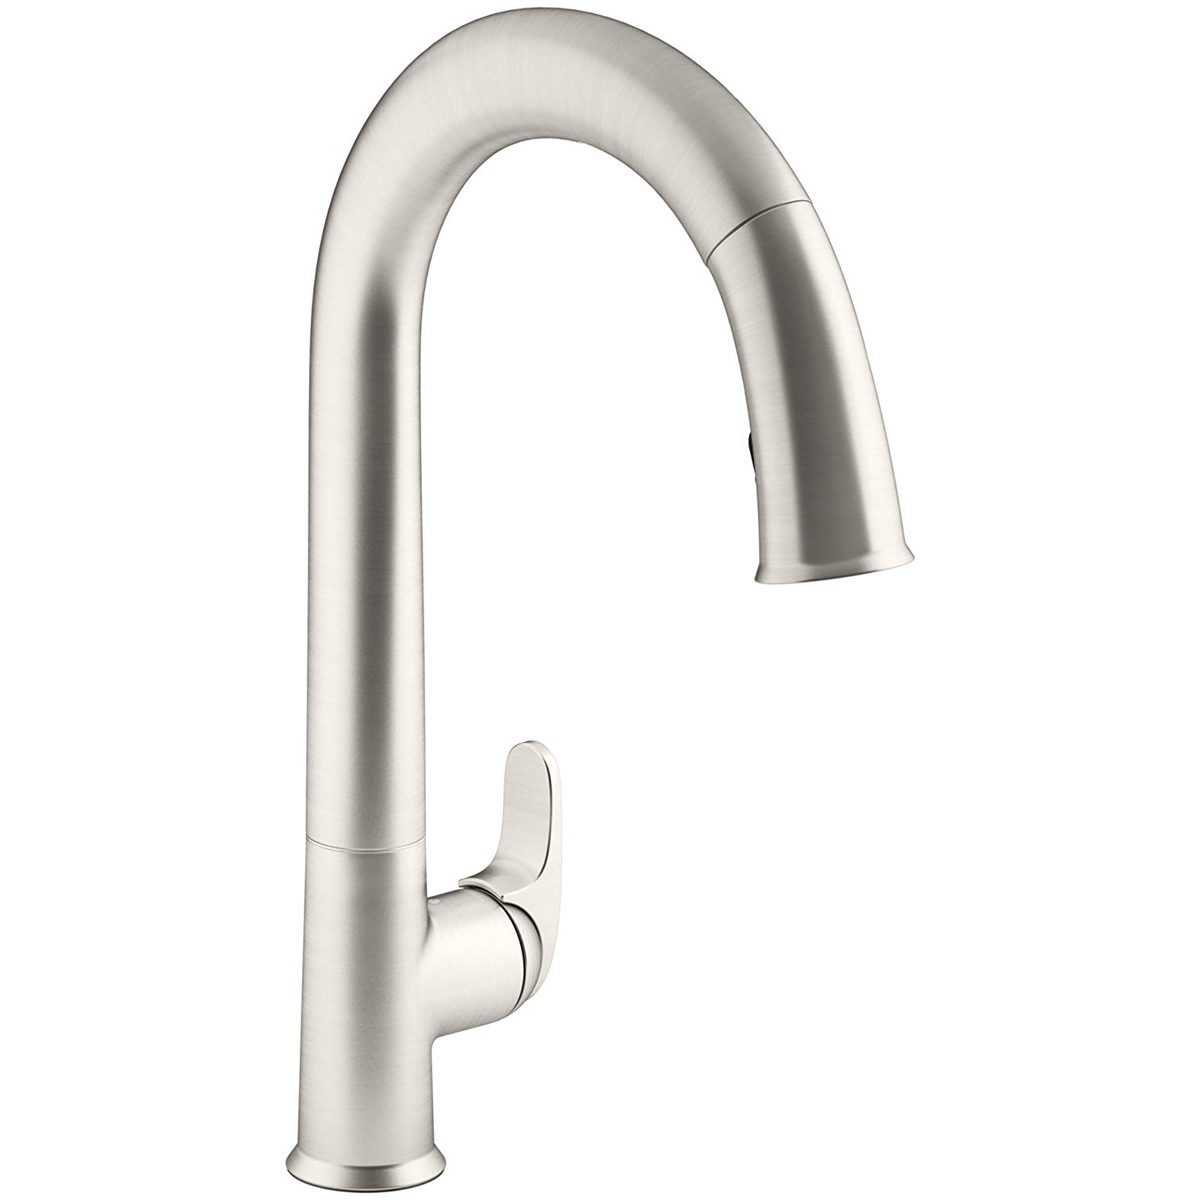 KOHLER-K-72218-VS-Sensate-Touchless-Kitchen-Faucet